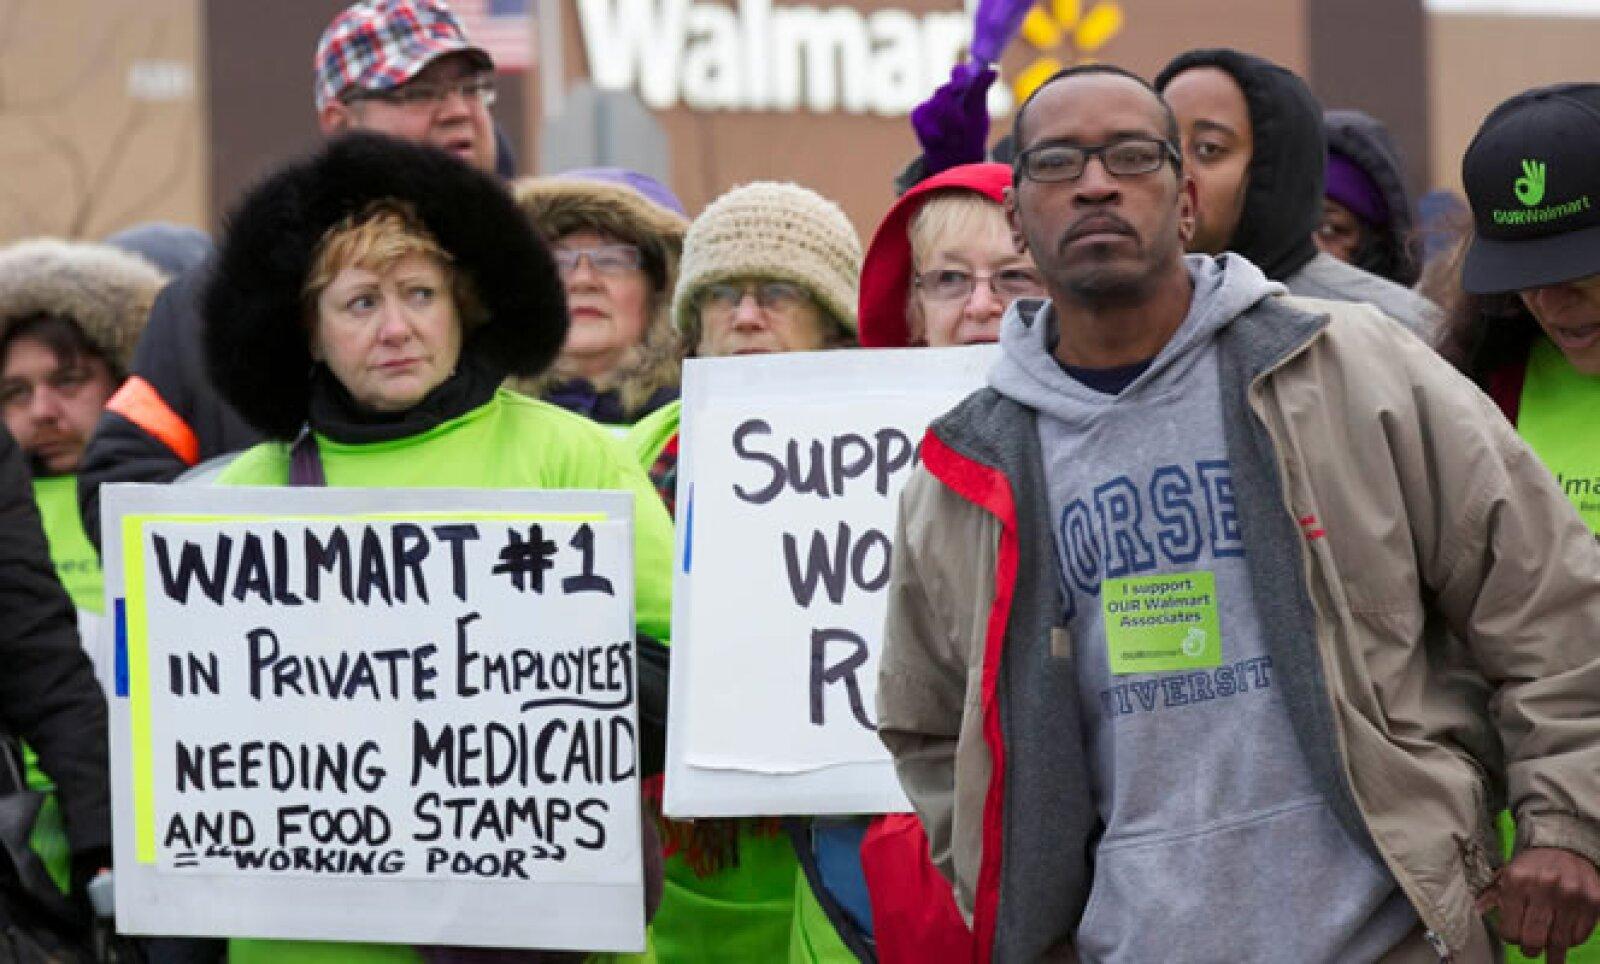 Trabajadores de la minorista más grande del mundo protestaron afuera de sus tiendas para exigir mejores condiciones laborales, seguridad social y cupones de alimentos.